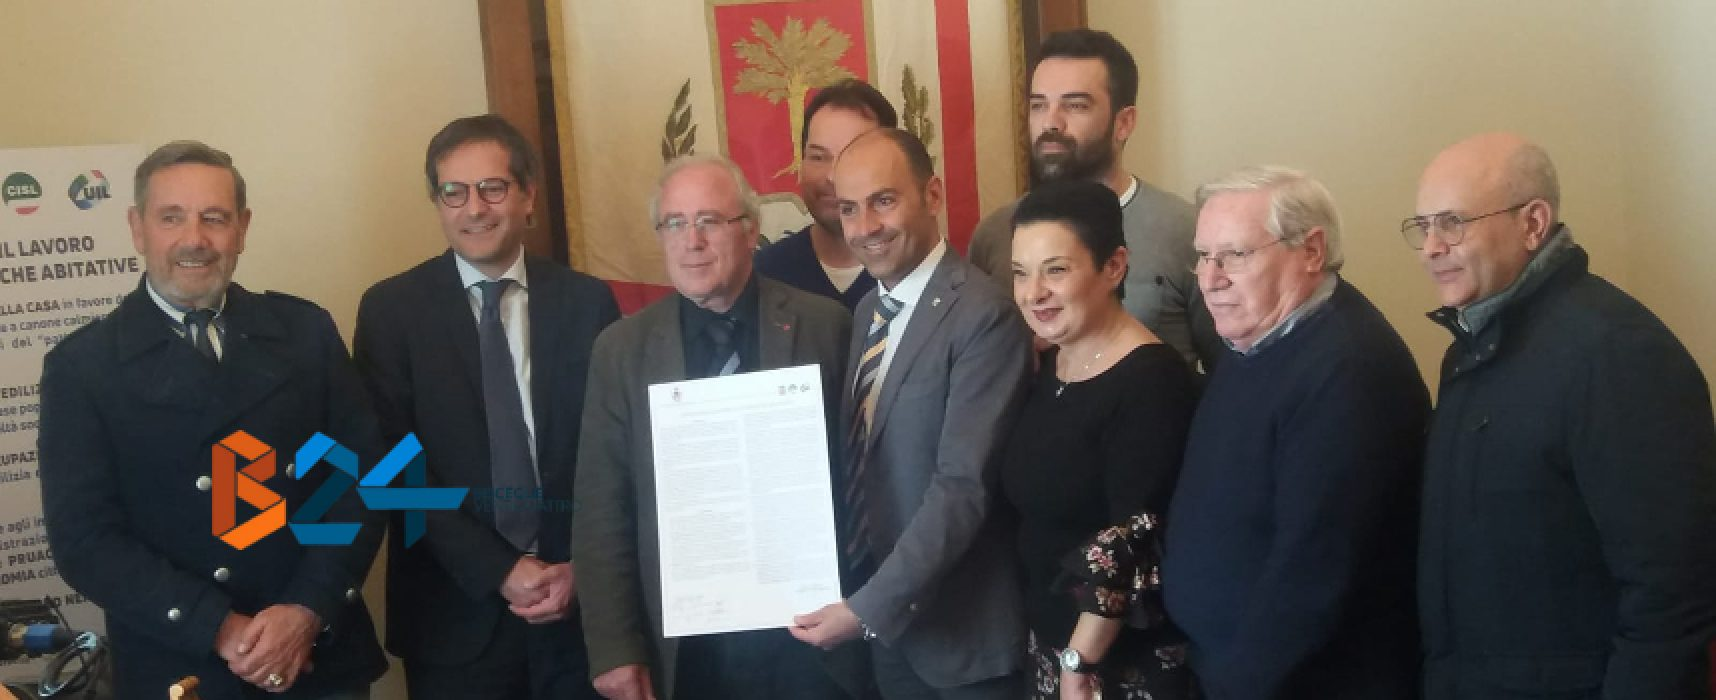 Firmato oggi in Comune Patto per il lavoro e politiche abitative / VIDEO